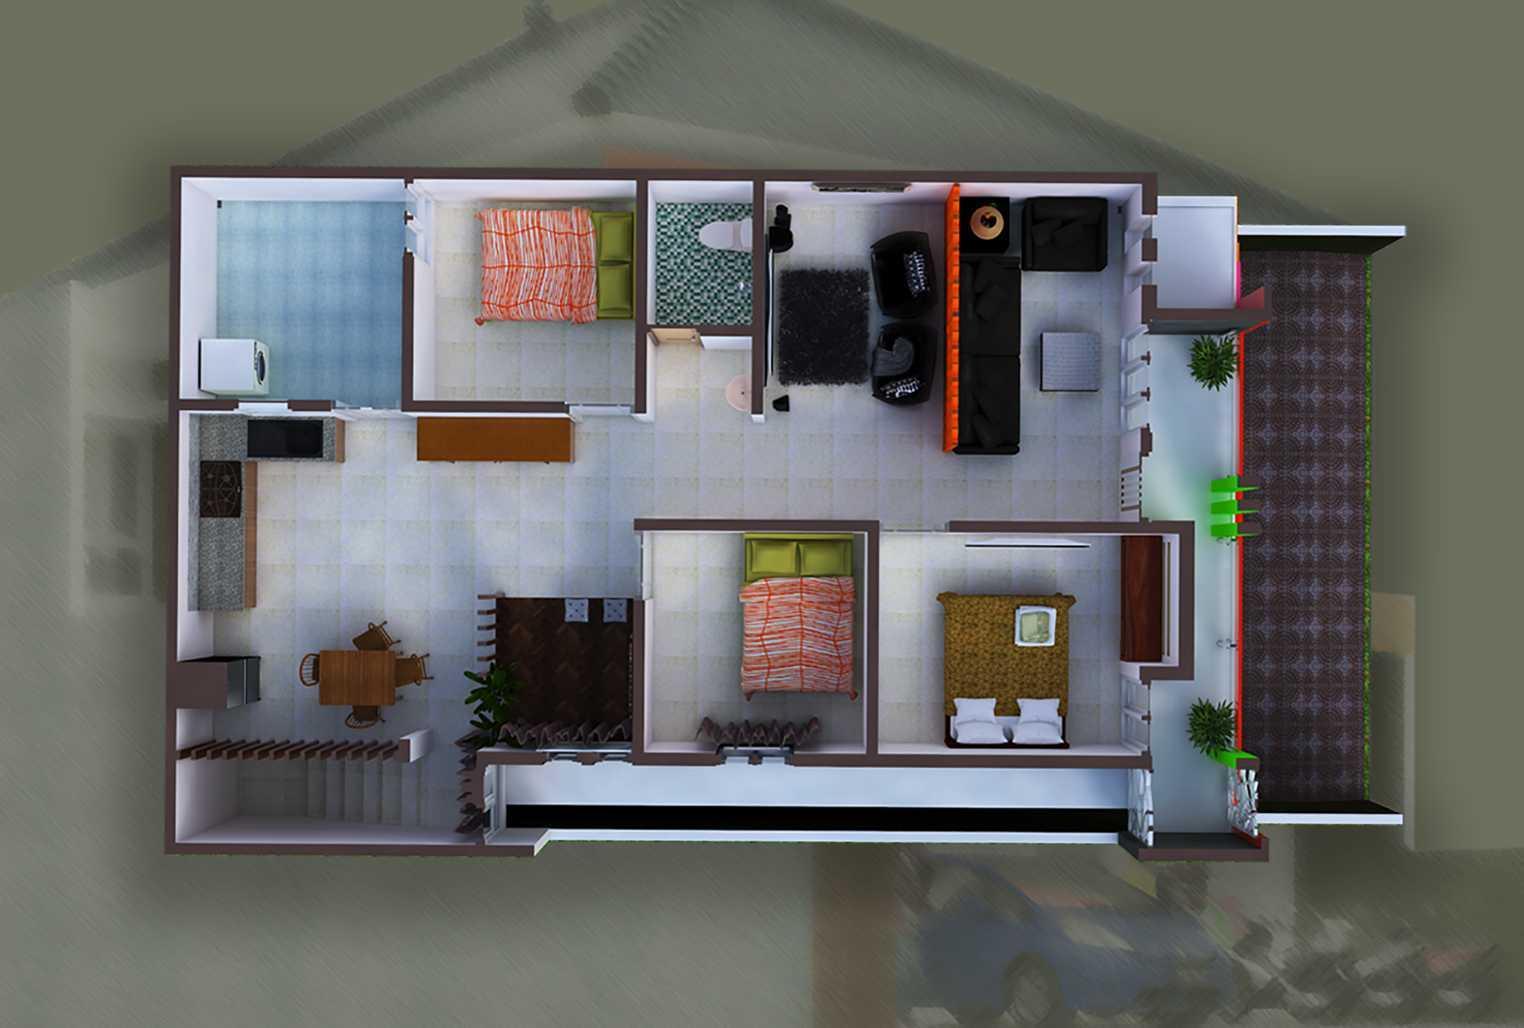 Nggambar Omah | Design And Build The Rossaderma Carehouse Blitar, Jawa Timur, Indonesia Blitar, Jawa Timur, Indonesia Floorplan Minimalist <P>Tata Ruang Dibuat Sesuai Request Klien</p> 43743